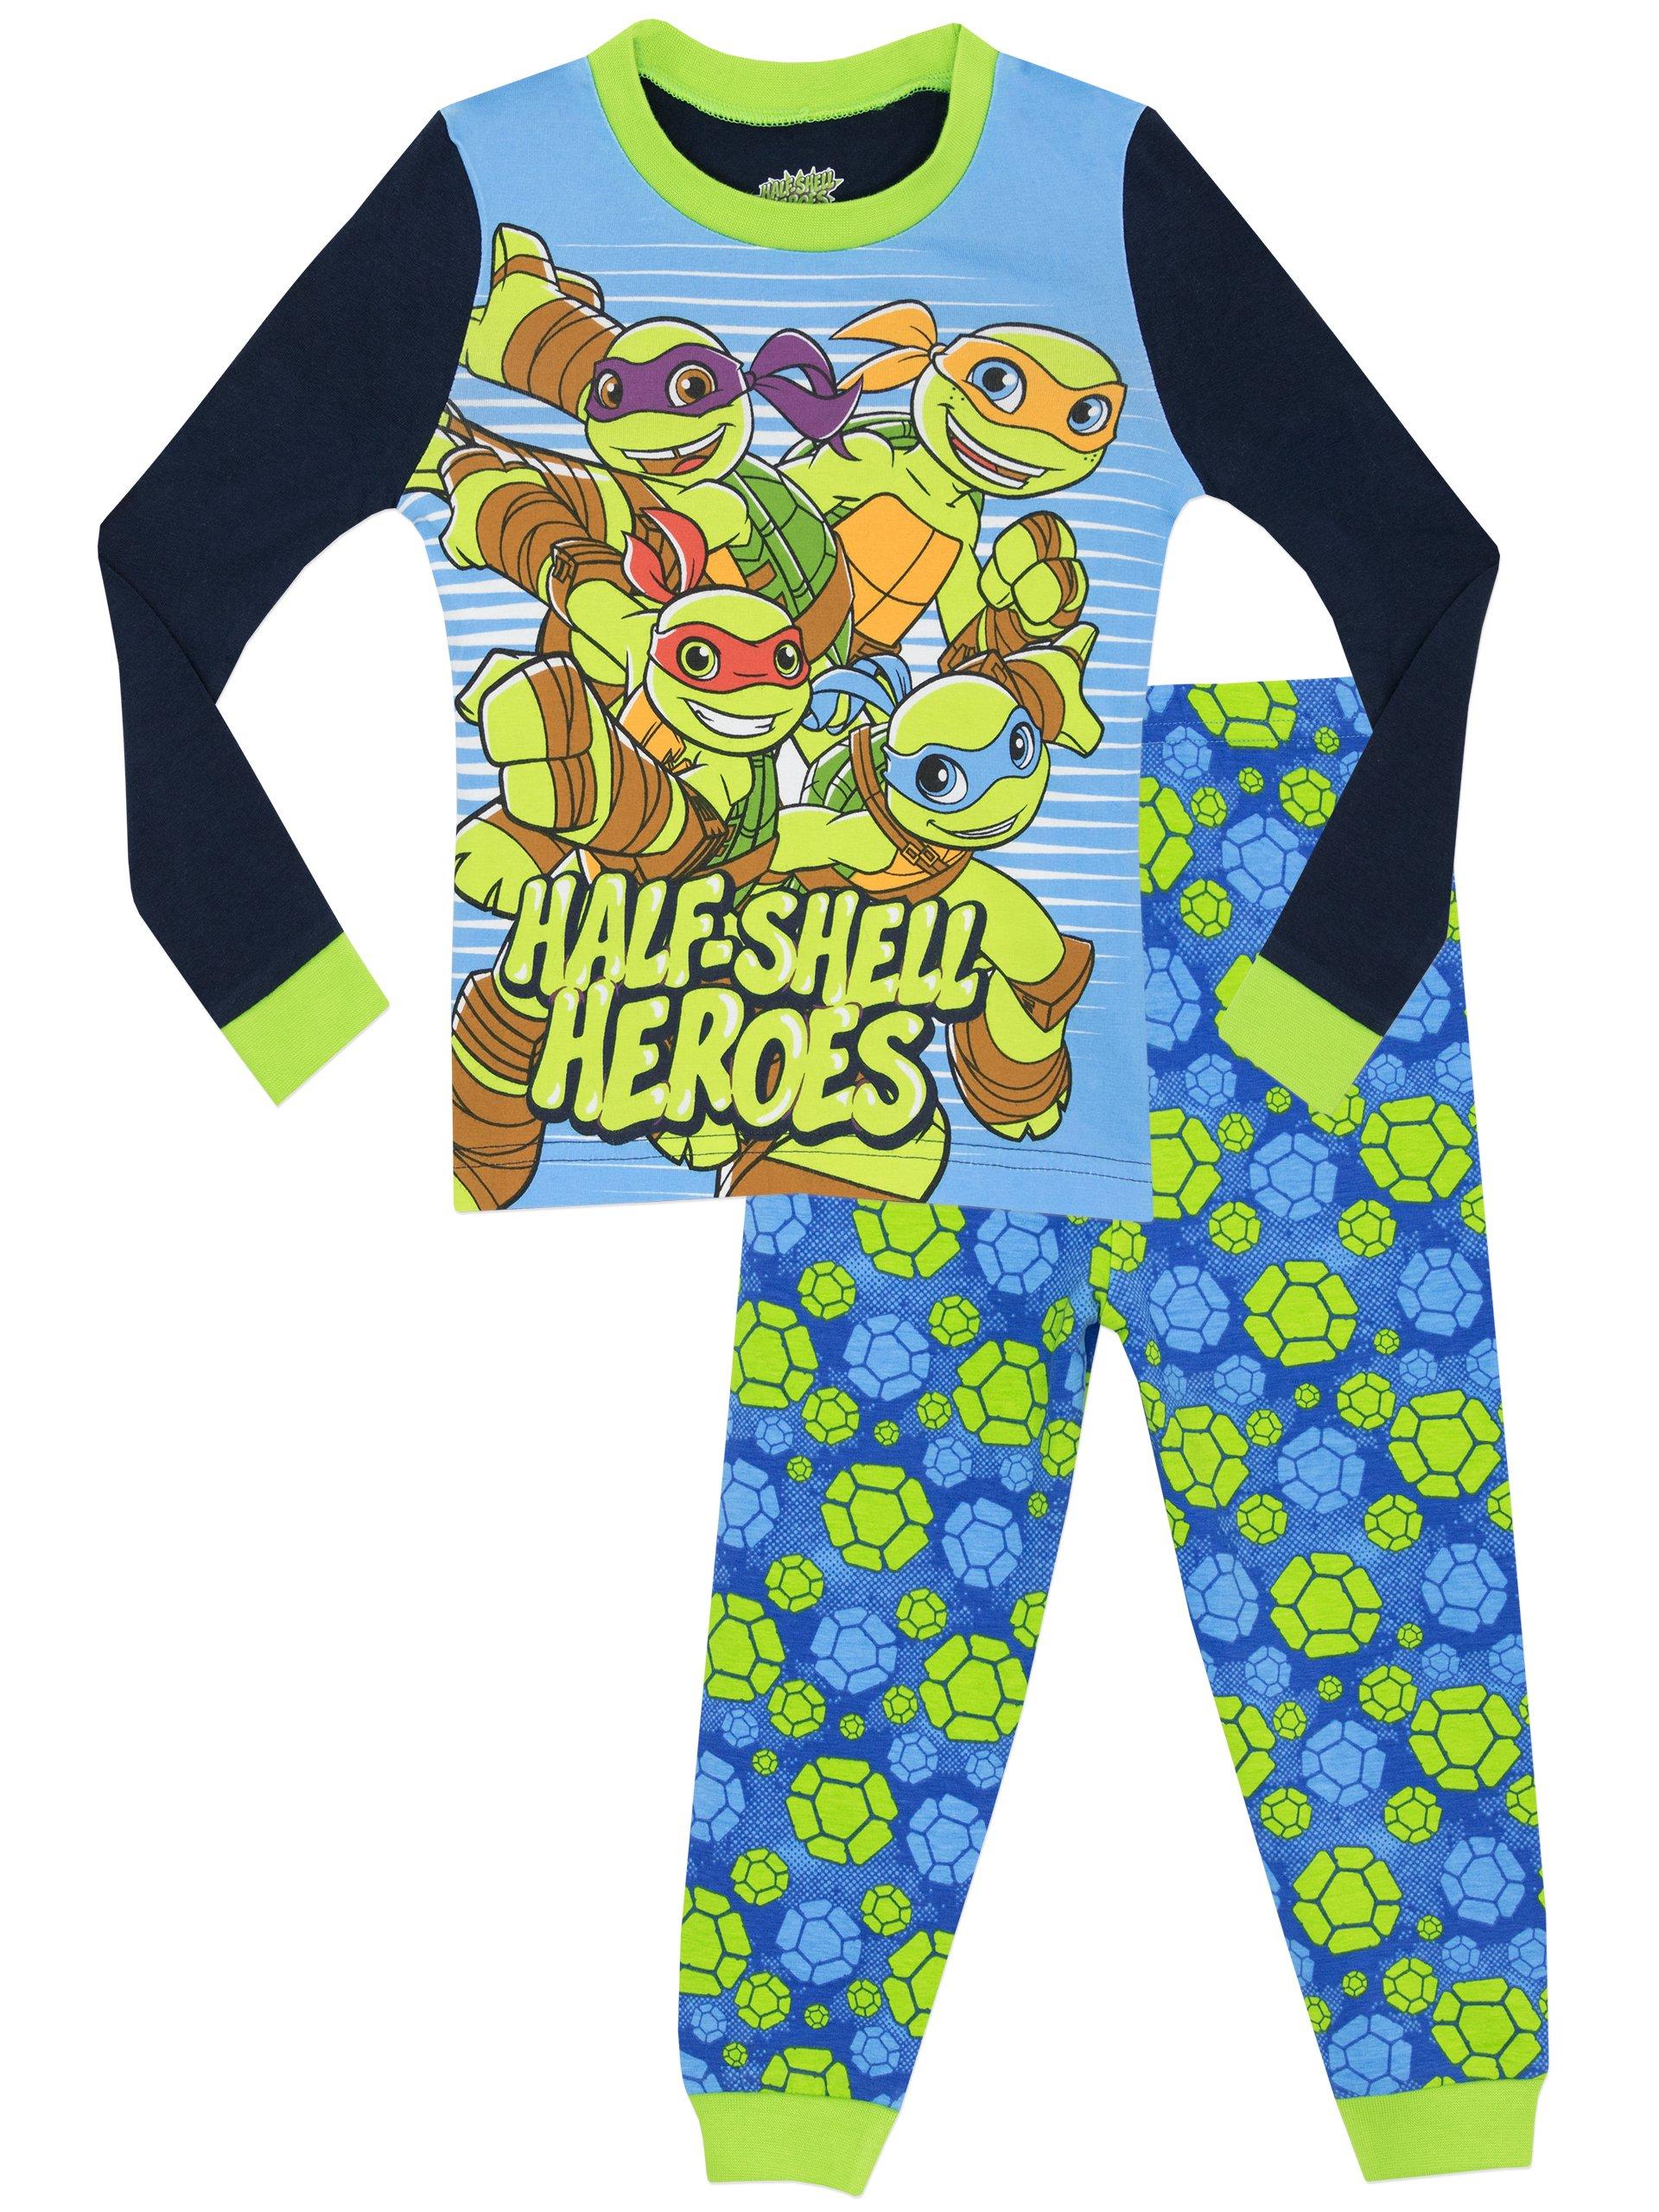 Teenage Mutant Ninja Turtles Boys' Half Shell Heroes Pajamas Size 5